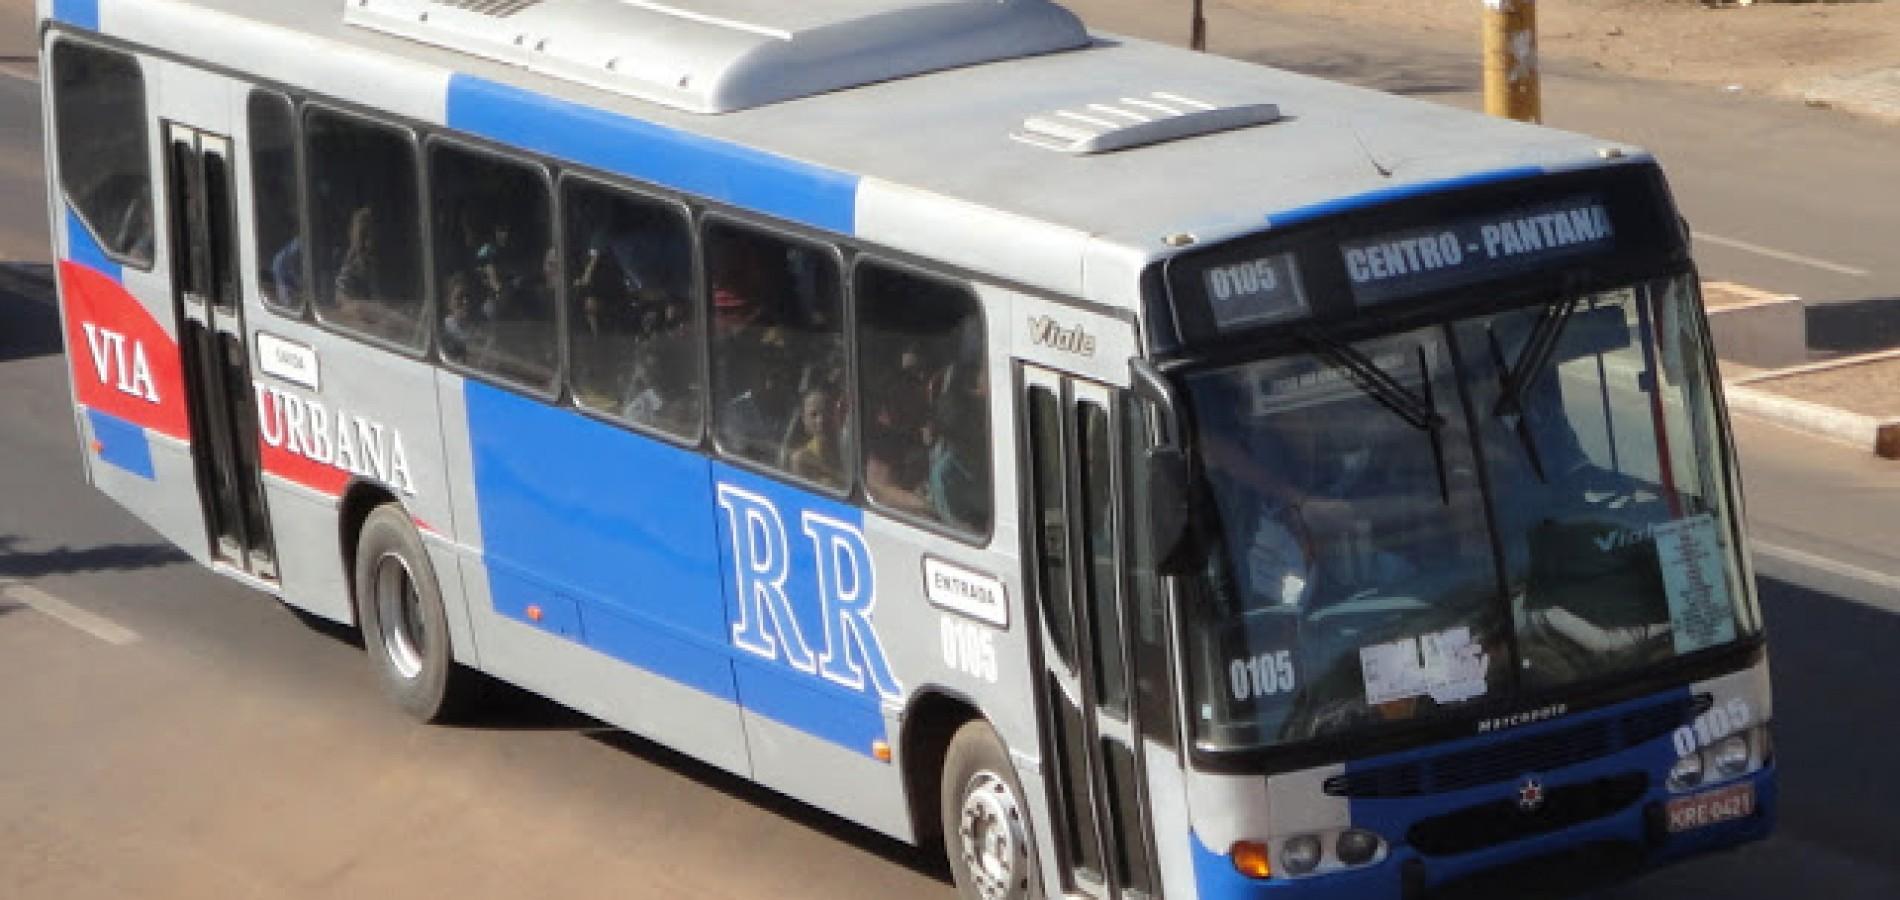 Passagem de ônibus em Picos é mais cara que Teresina e MP investiga